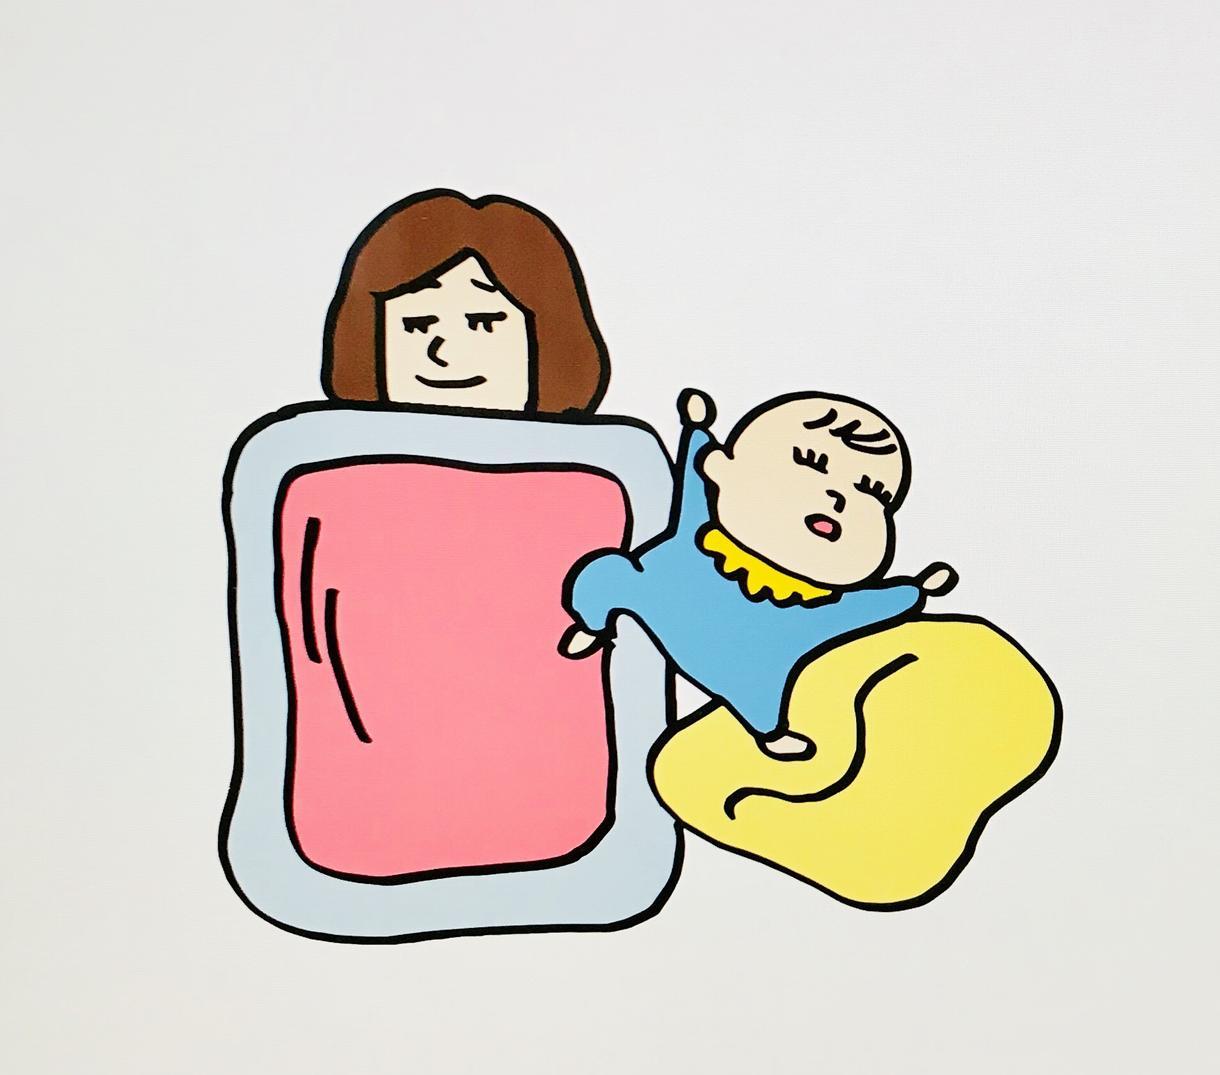 広告やブログ、webサイトに使用するイラスト描ます 子育て、日常、ゆるかわいいイラストを使用したい方へ。